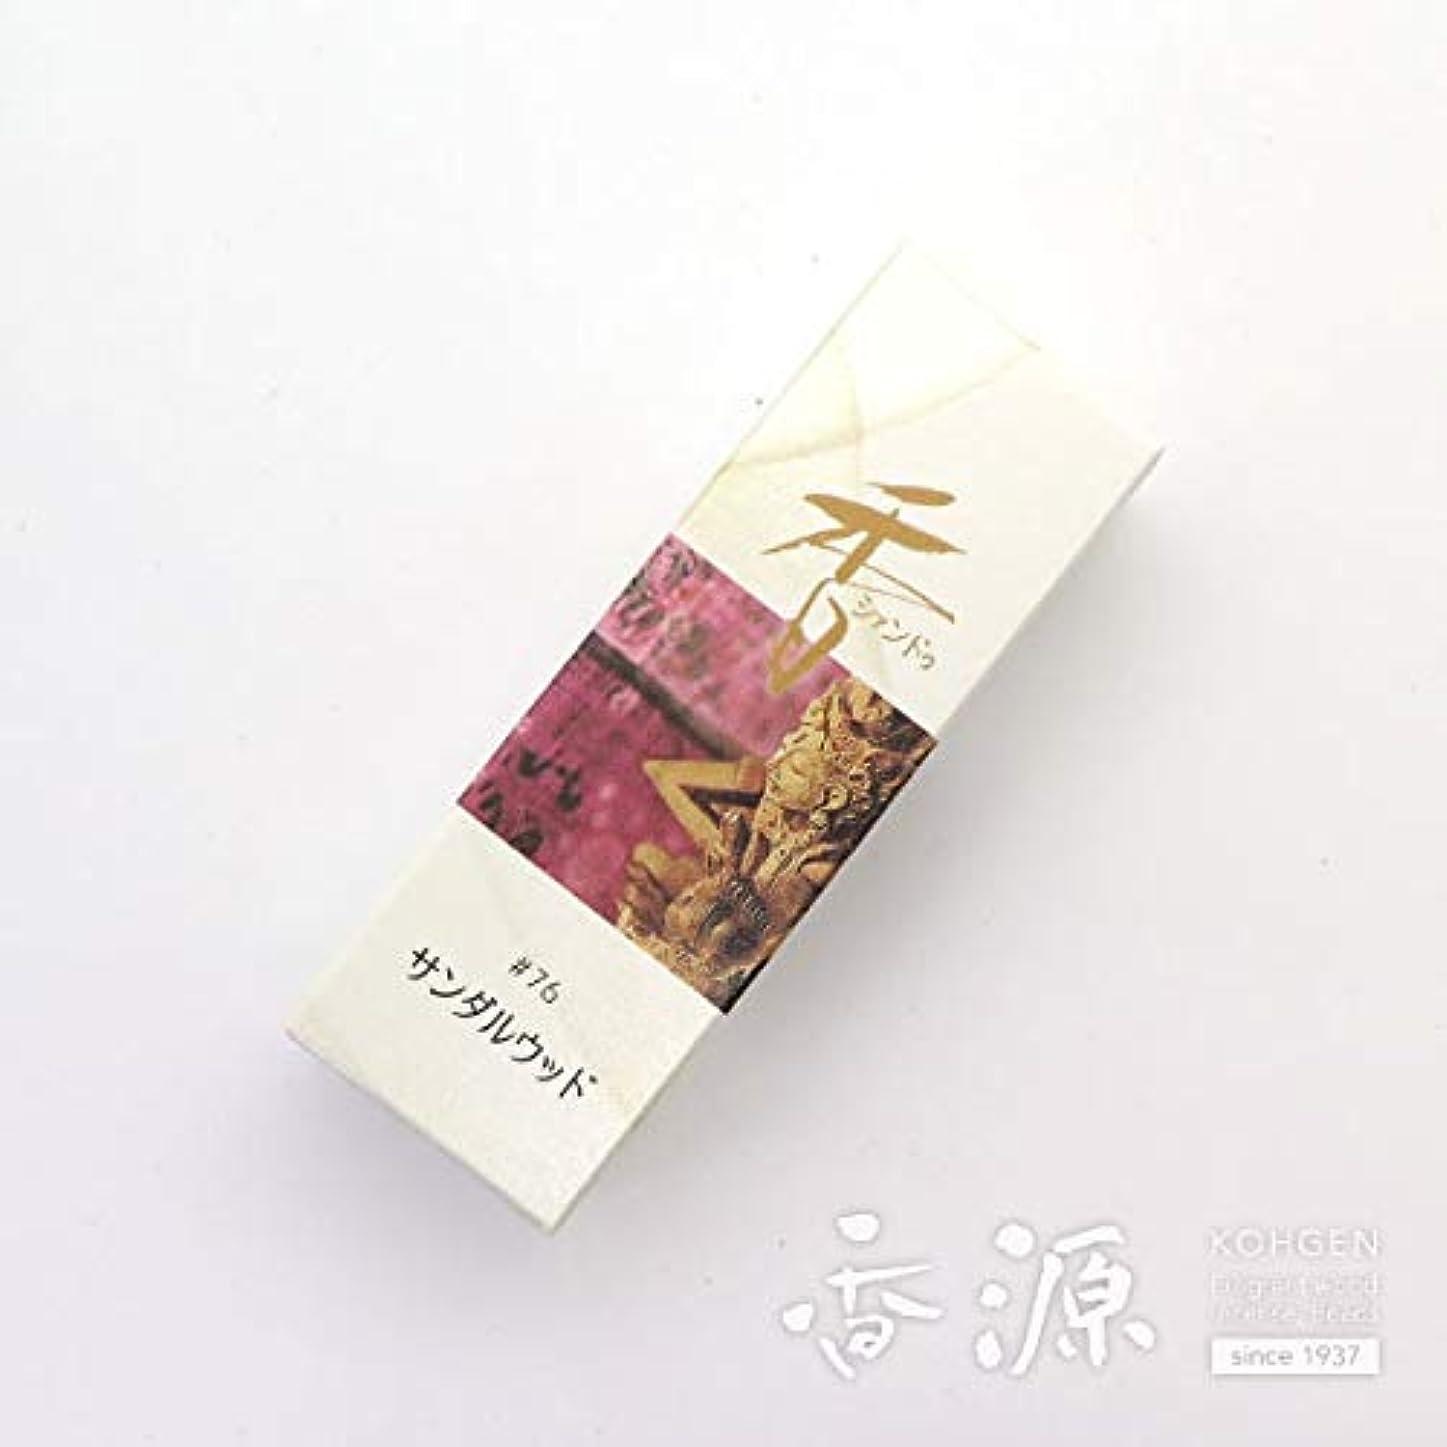 気づくなるキャンペーン最も早い松栄堂のお香 Xiang Do サンダルウッド ST20本入 簡易香立付 #214276